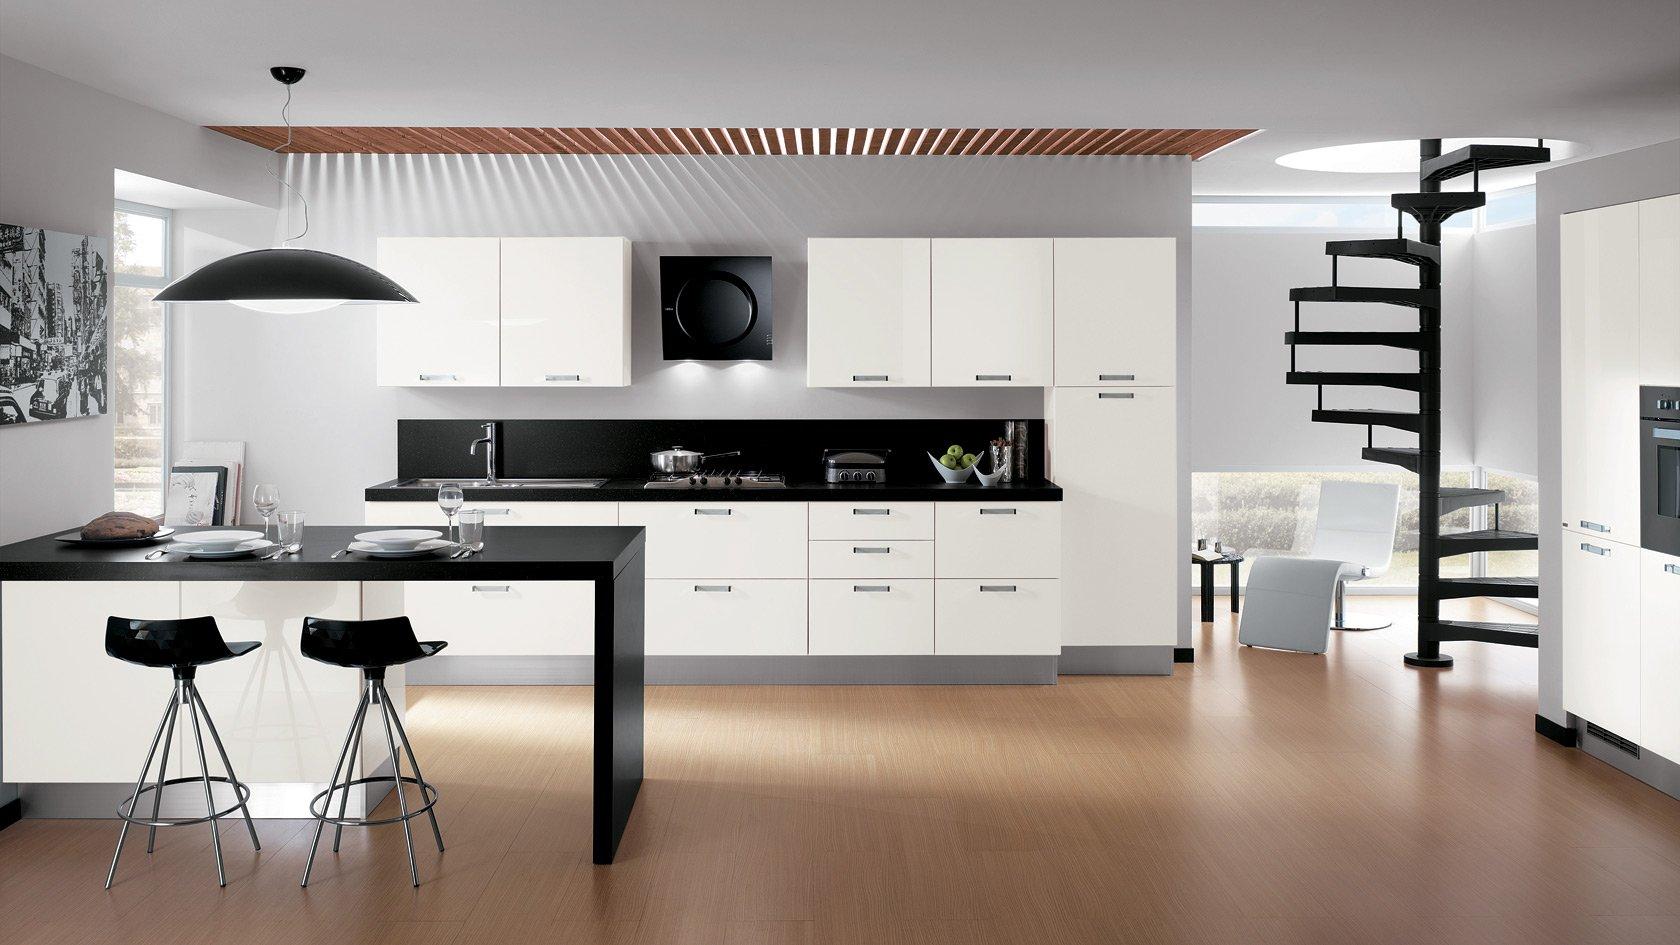 Cuisine design minimaliste: Conception et décoration